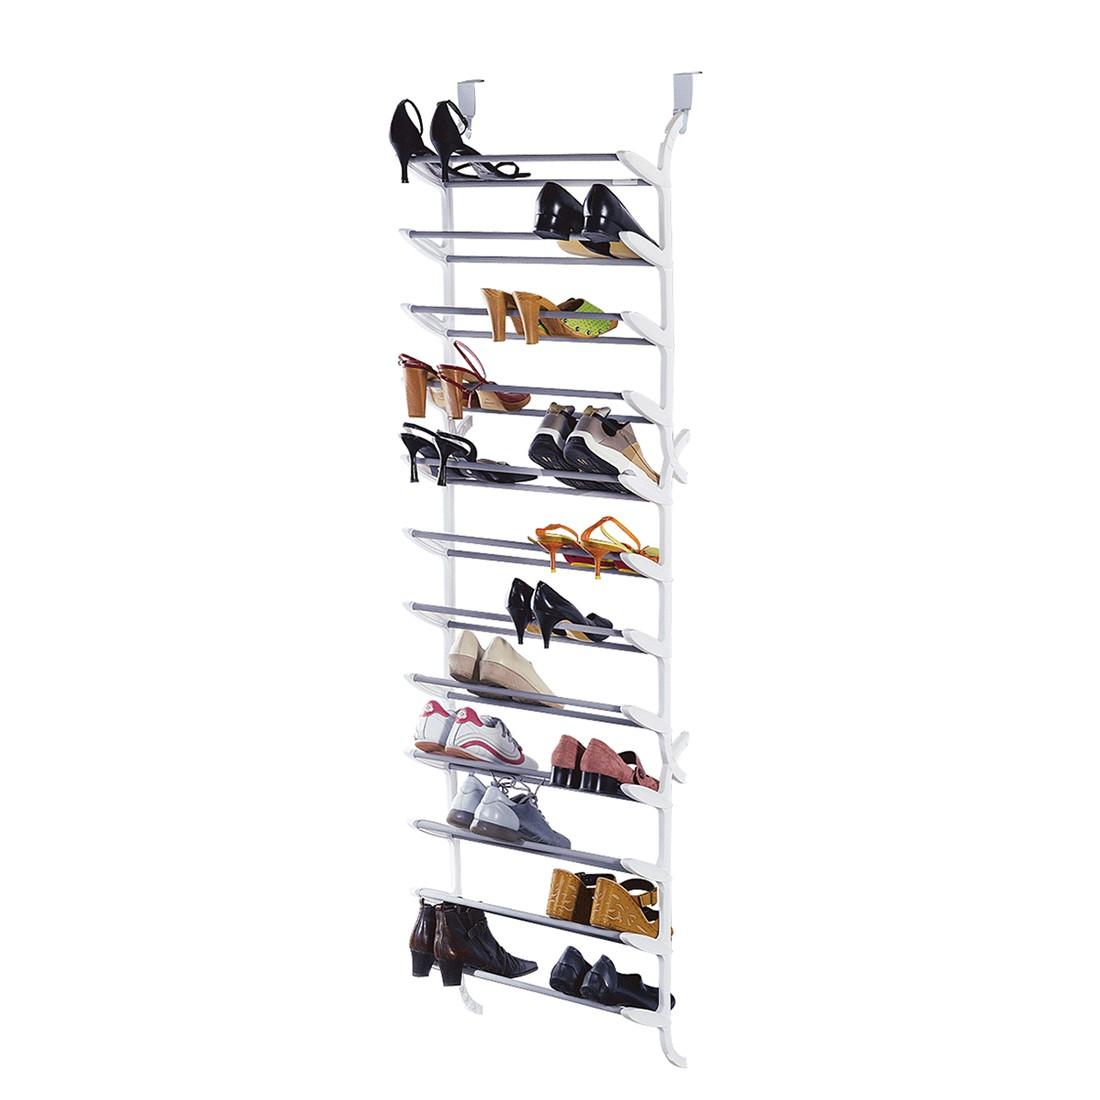 Schuhregal für die Tür – Kunststoff/Metall – Weiß, PureDay günstig online kaufen